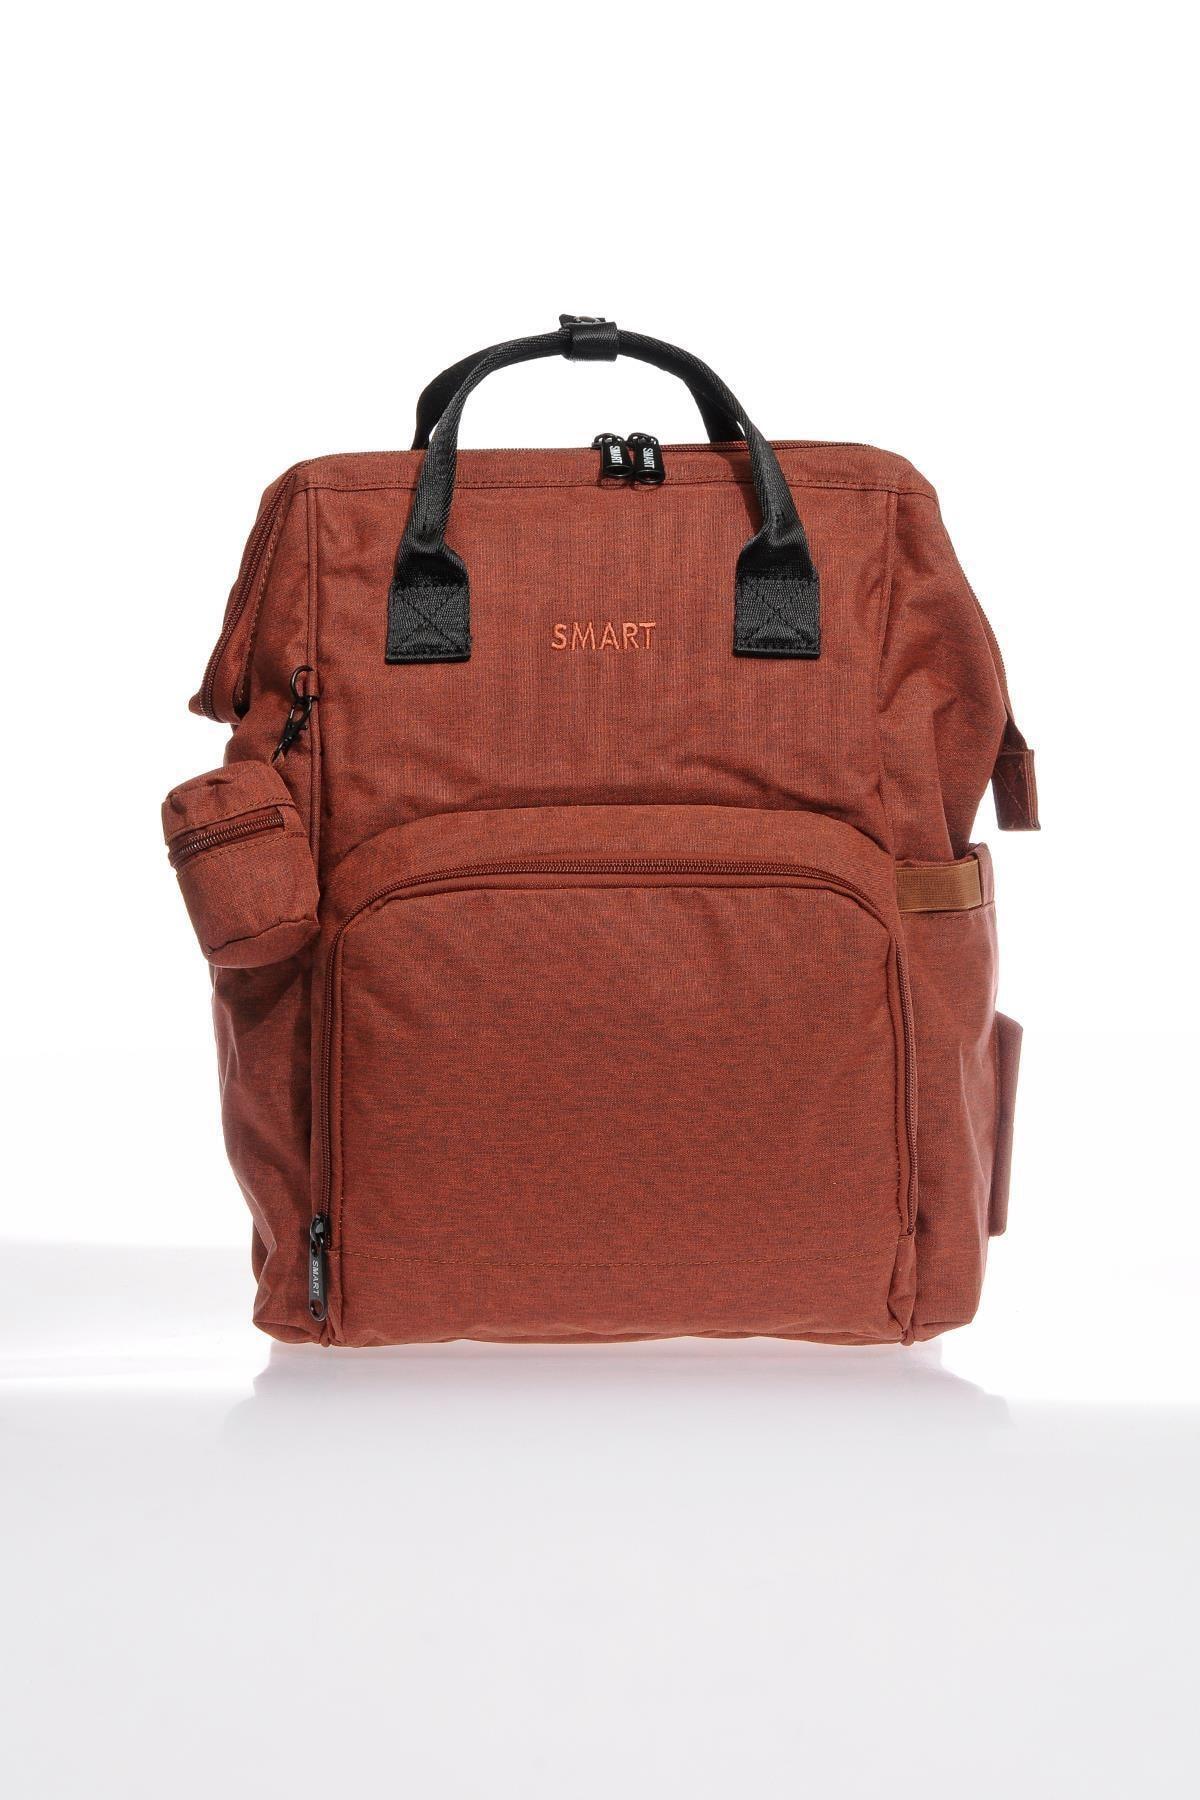 SMART BAGS Smb2007-0019 Kırmızı Kadın Bebek Bakım Sırt Çantası 1